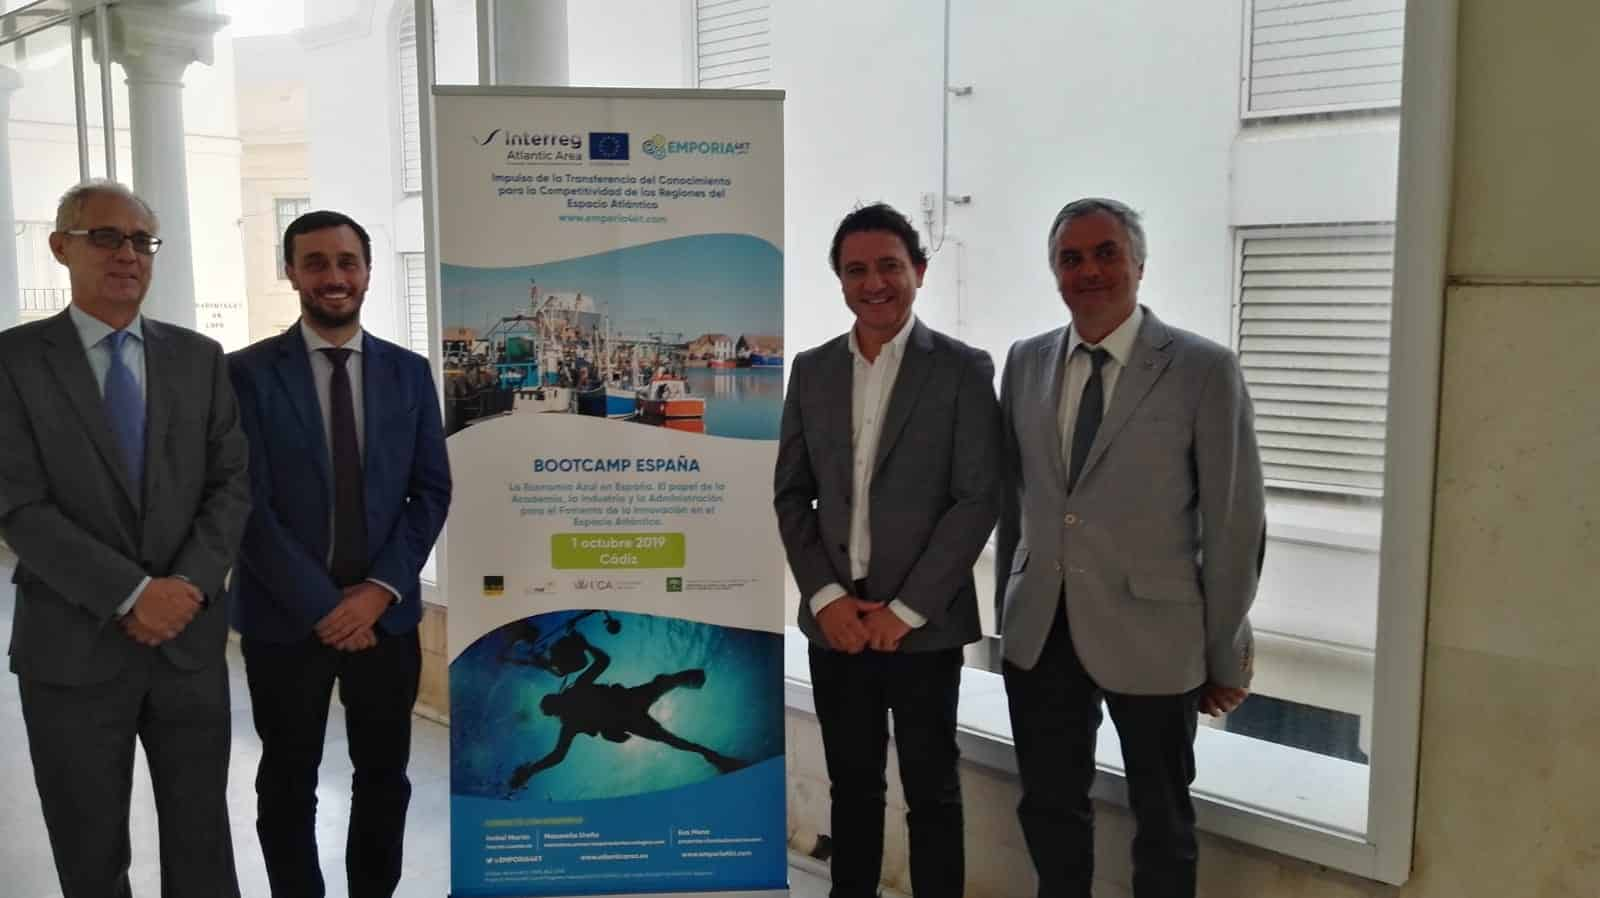 CENTA, CTA y CEI·Mar reúnen en Cádiz a expertos en Economía Azul